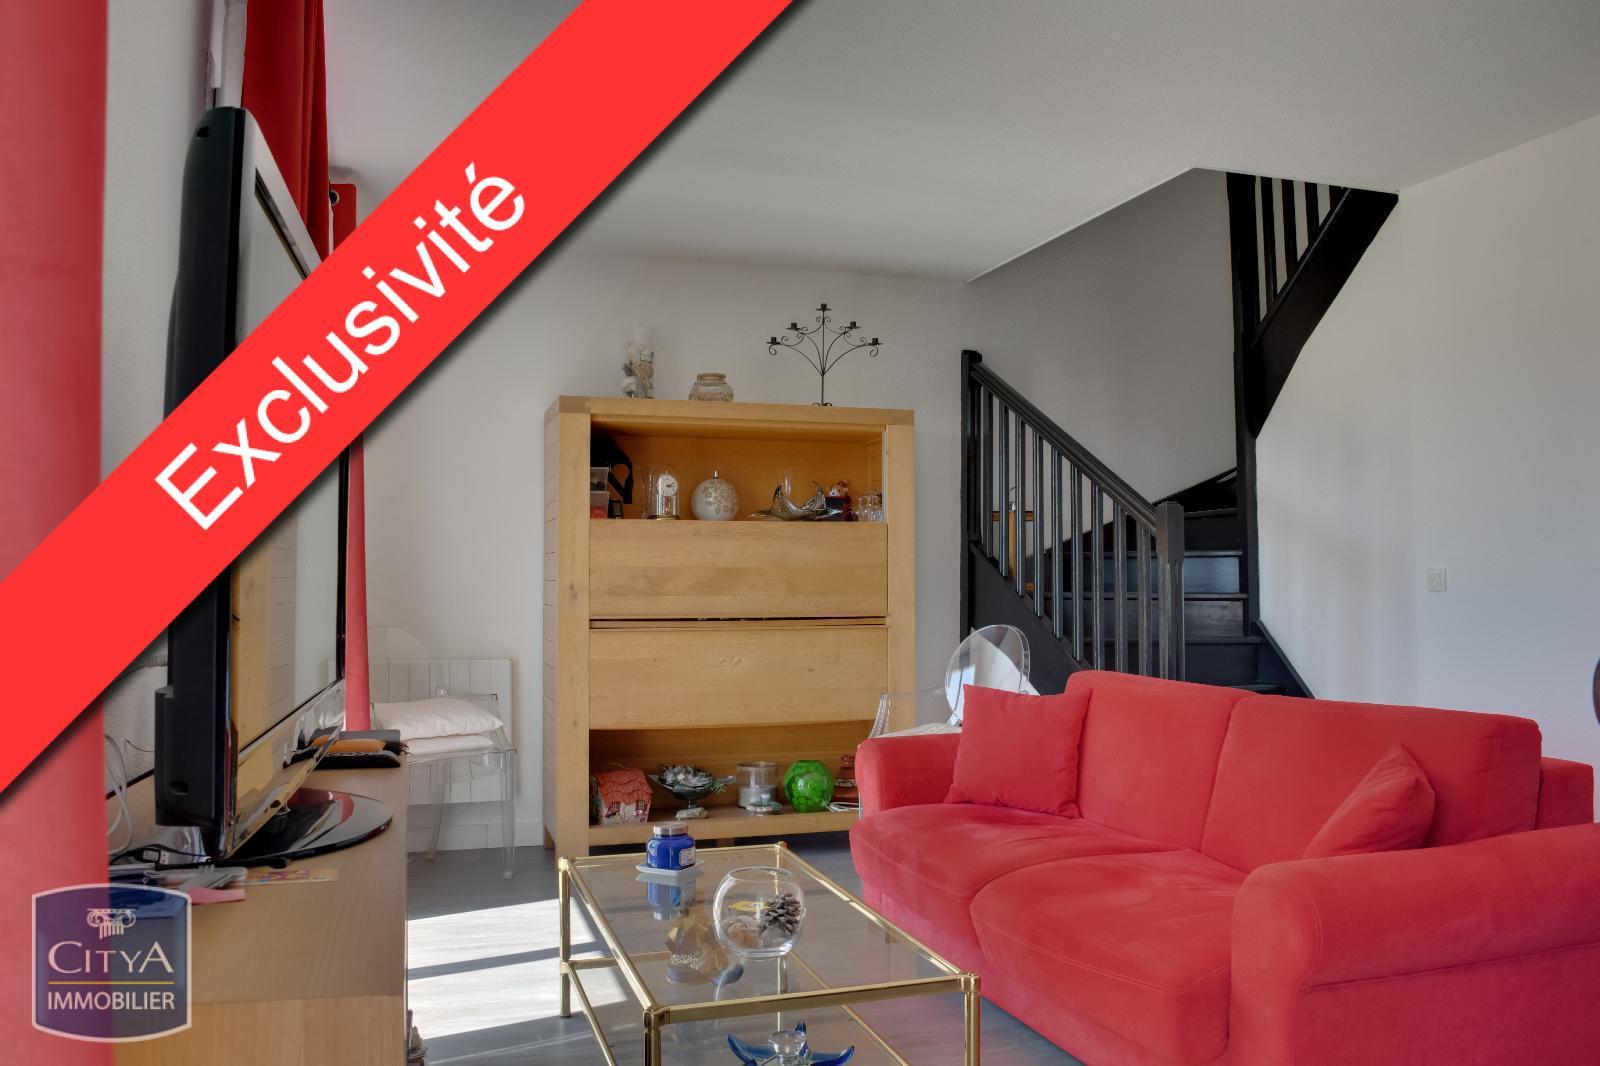 Maison/villa 5 pièces 93 m²